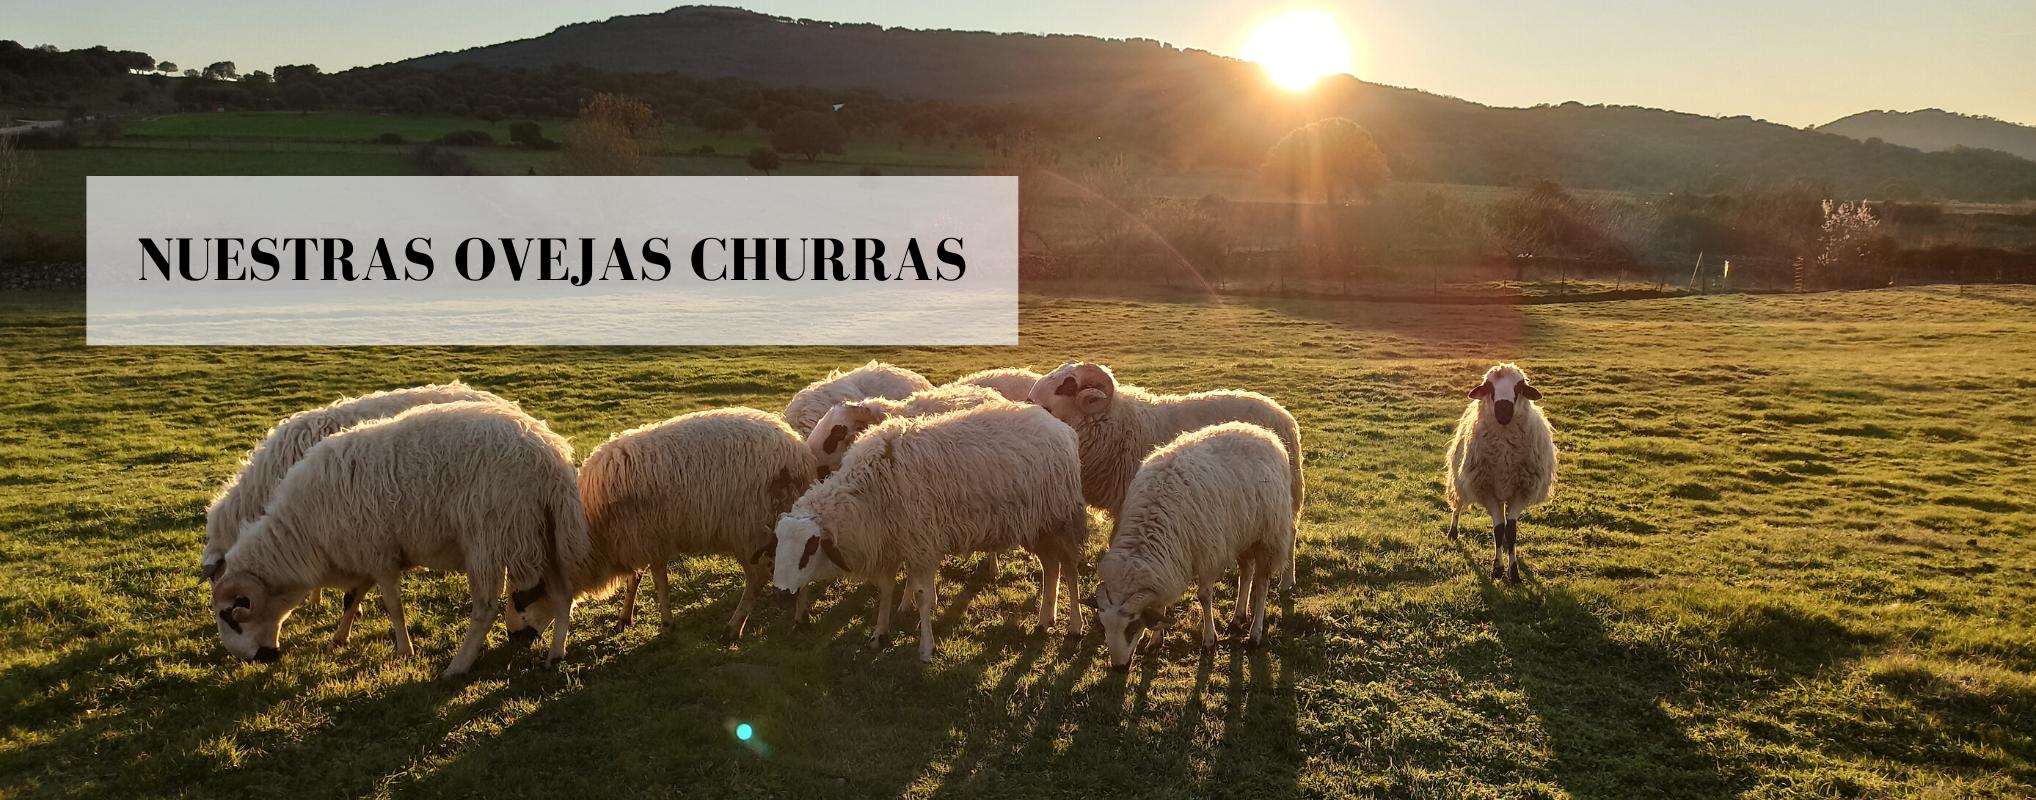 Nuestro rebaño de ovejas churras